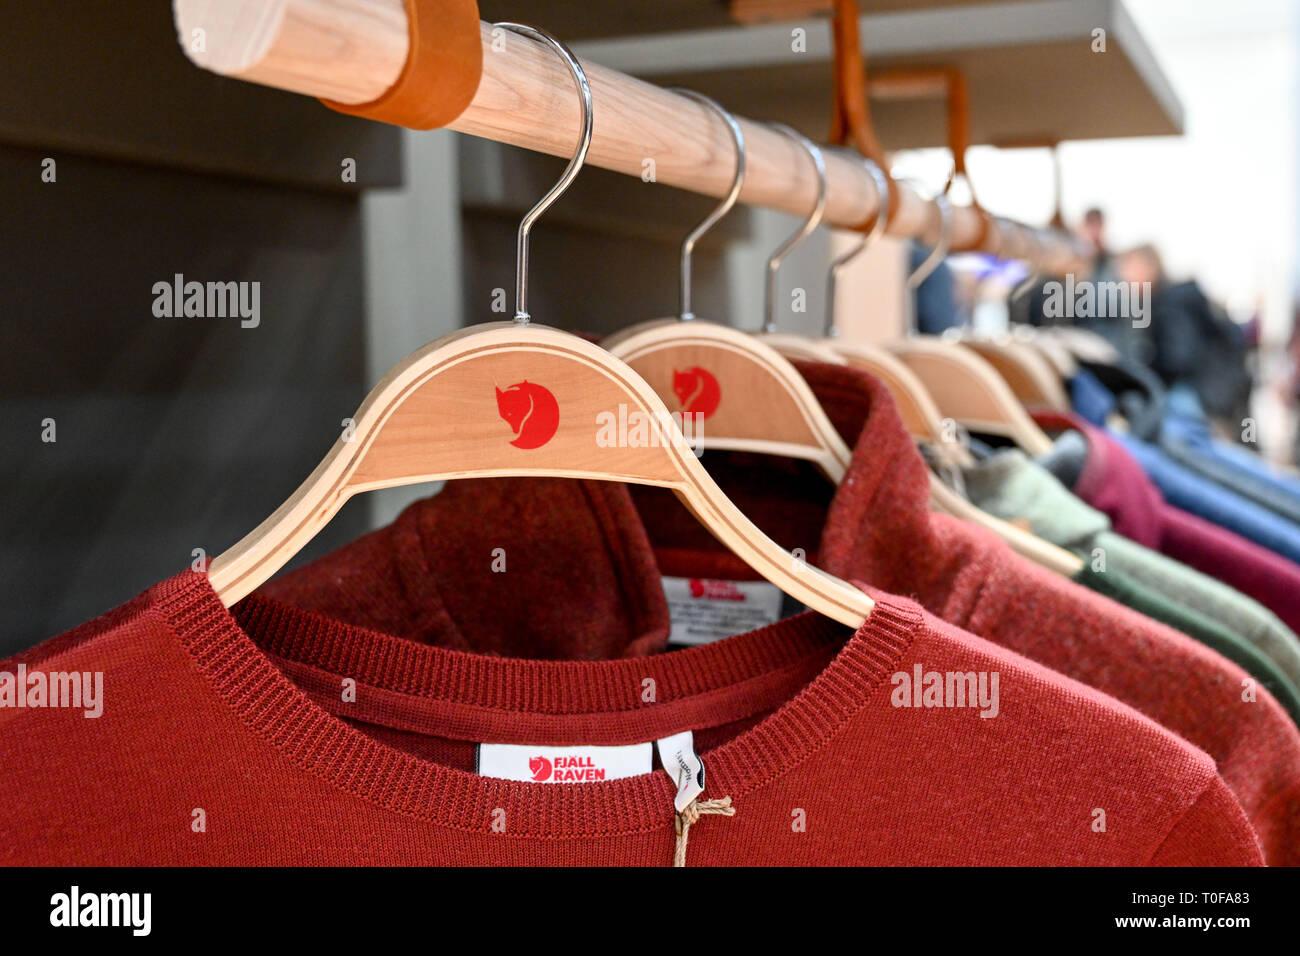 04. Februar 2019, Bayern, München: Das Logo der Schwedischen Outdoor-ausstatter Fjällräven auf einem Kleiderbügel und einen Pullover, auf der ISPO Sportartikel. Foto: Tobias Hase/dpa Stockbild